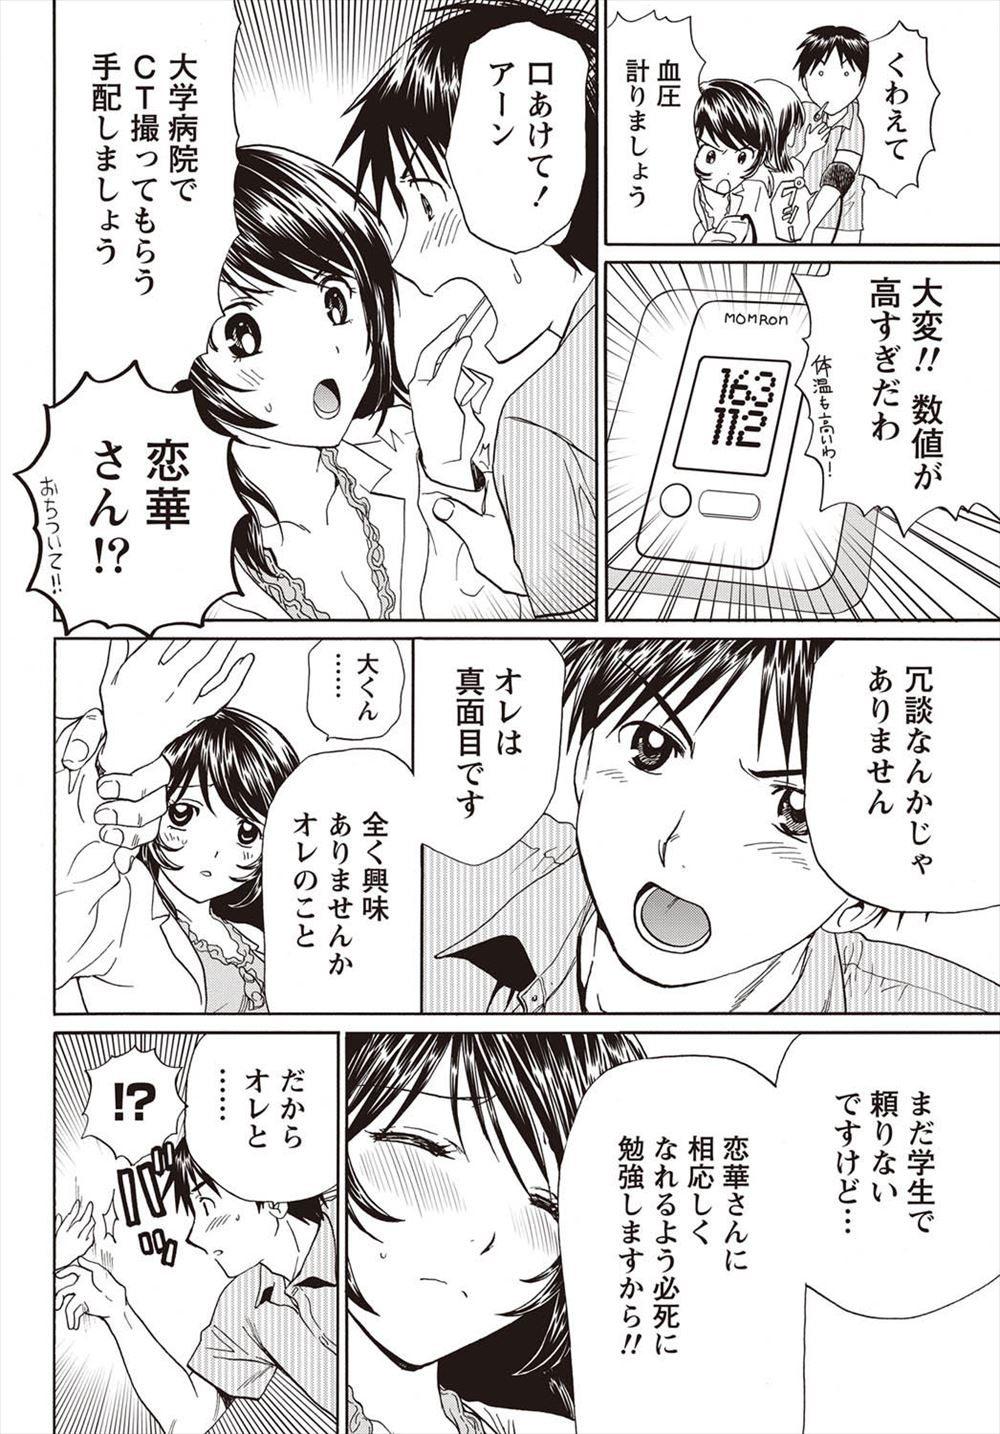 【エロ漫画同人誌】クリニックに来たセックス依存症女を治す、ってことで3Pセックスで問題解決する恋華さんwwww 016